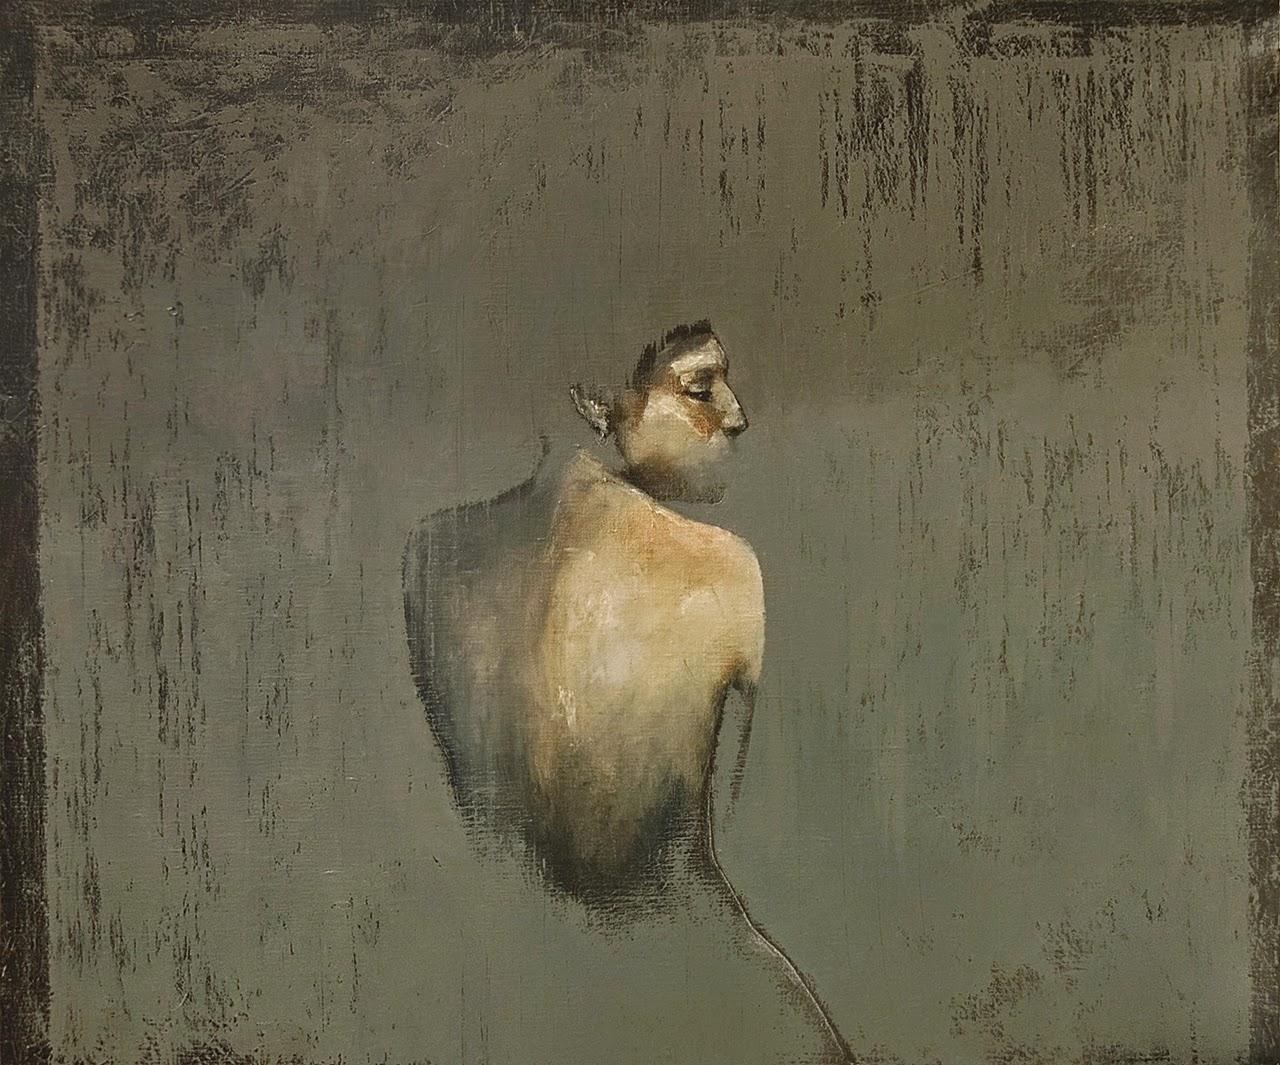 Resultado de imagen para vladimir ryabchikov paintings